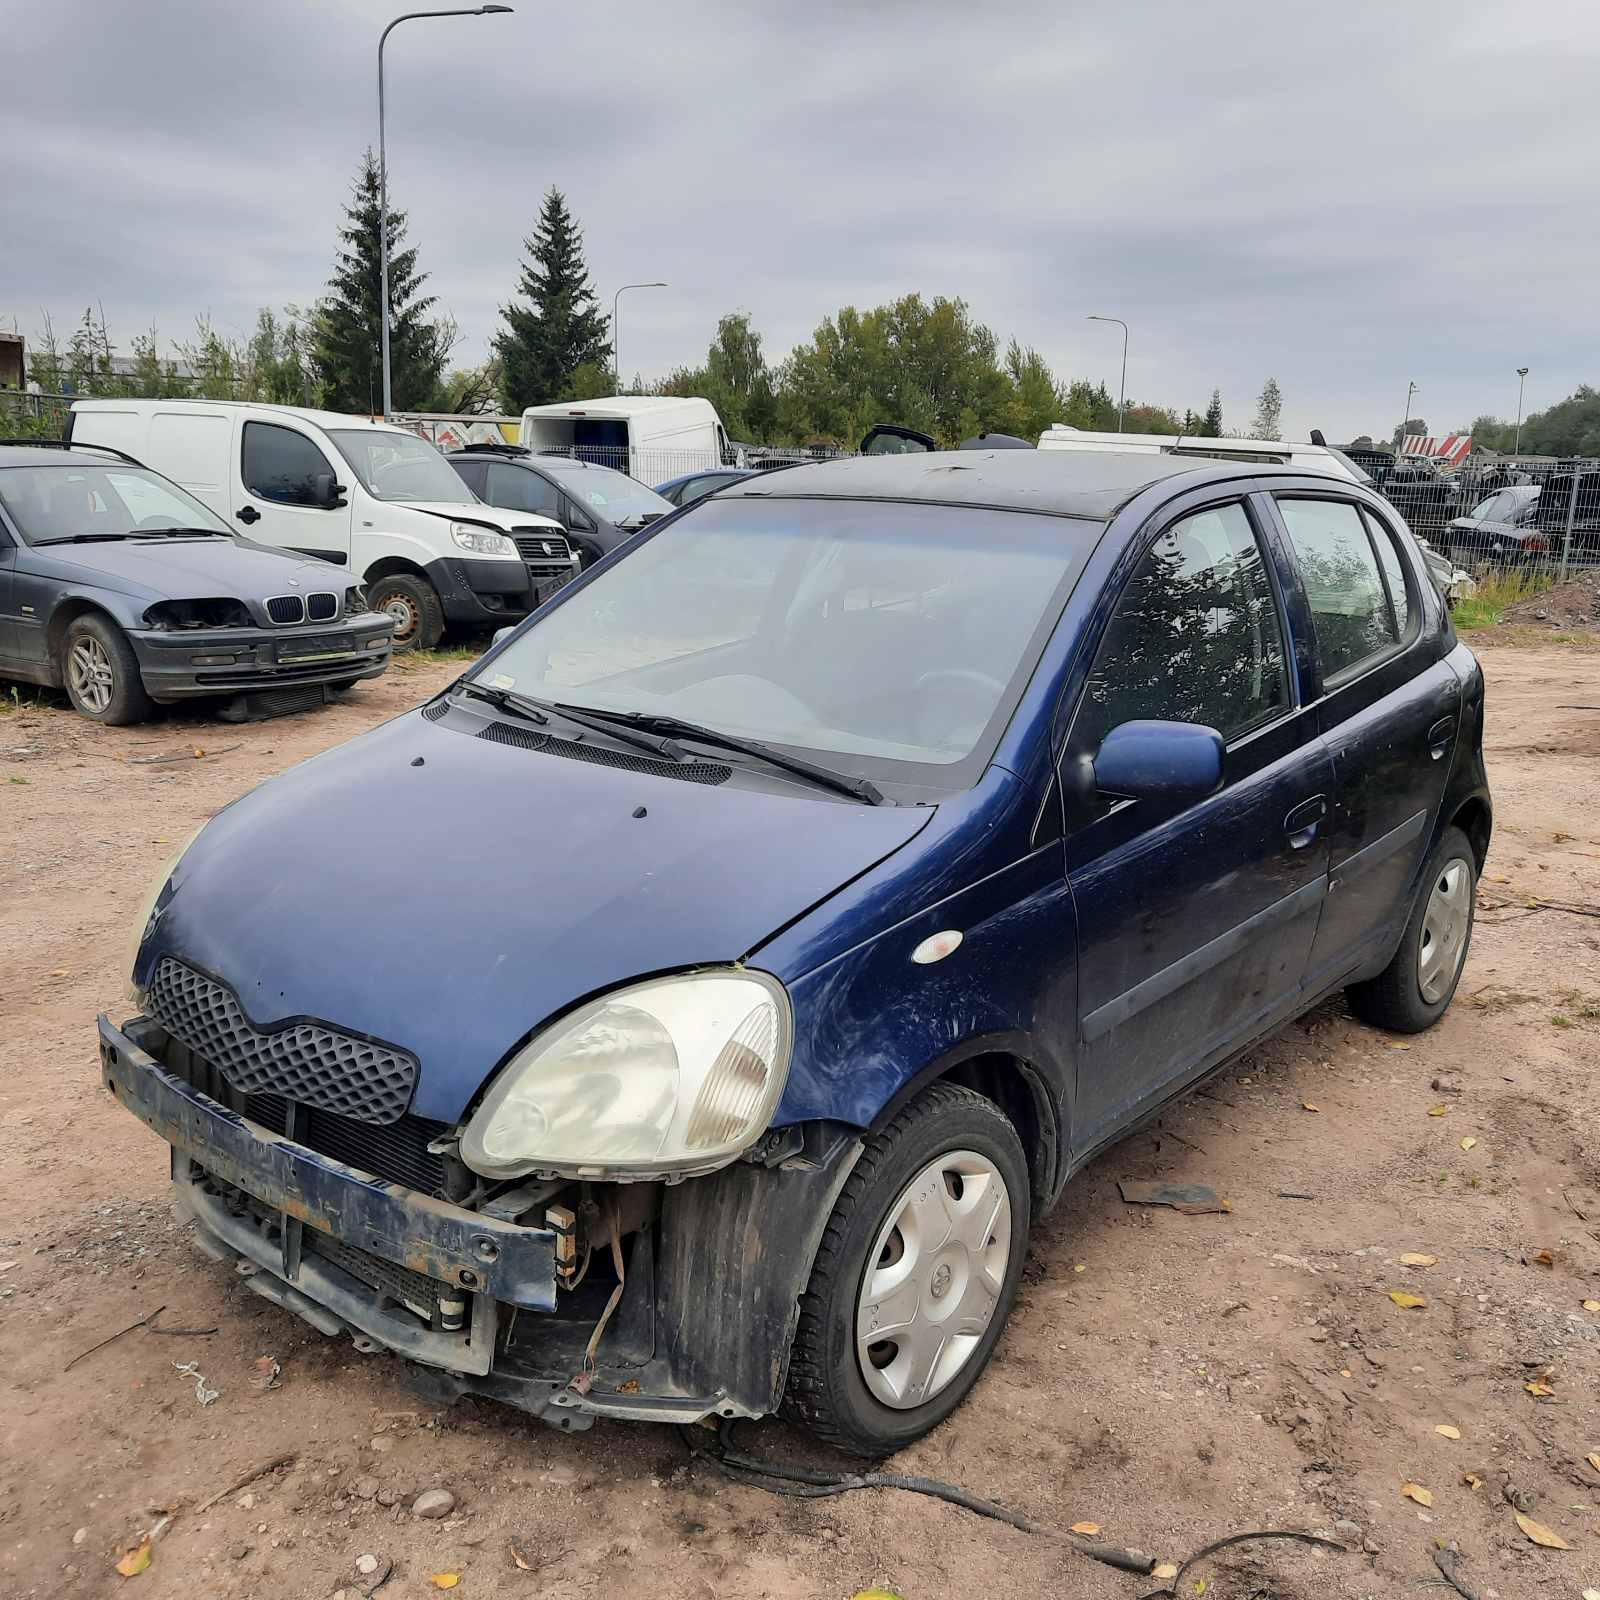 Foto-2 Toyota Yaris Yaris, 2003.03 - 2005.09 facelift 2004 Petrol 1.0